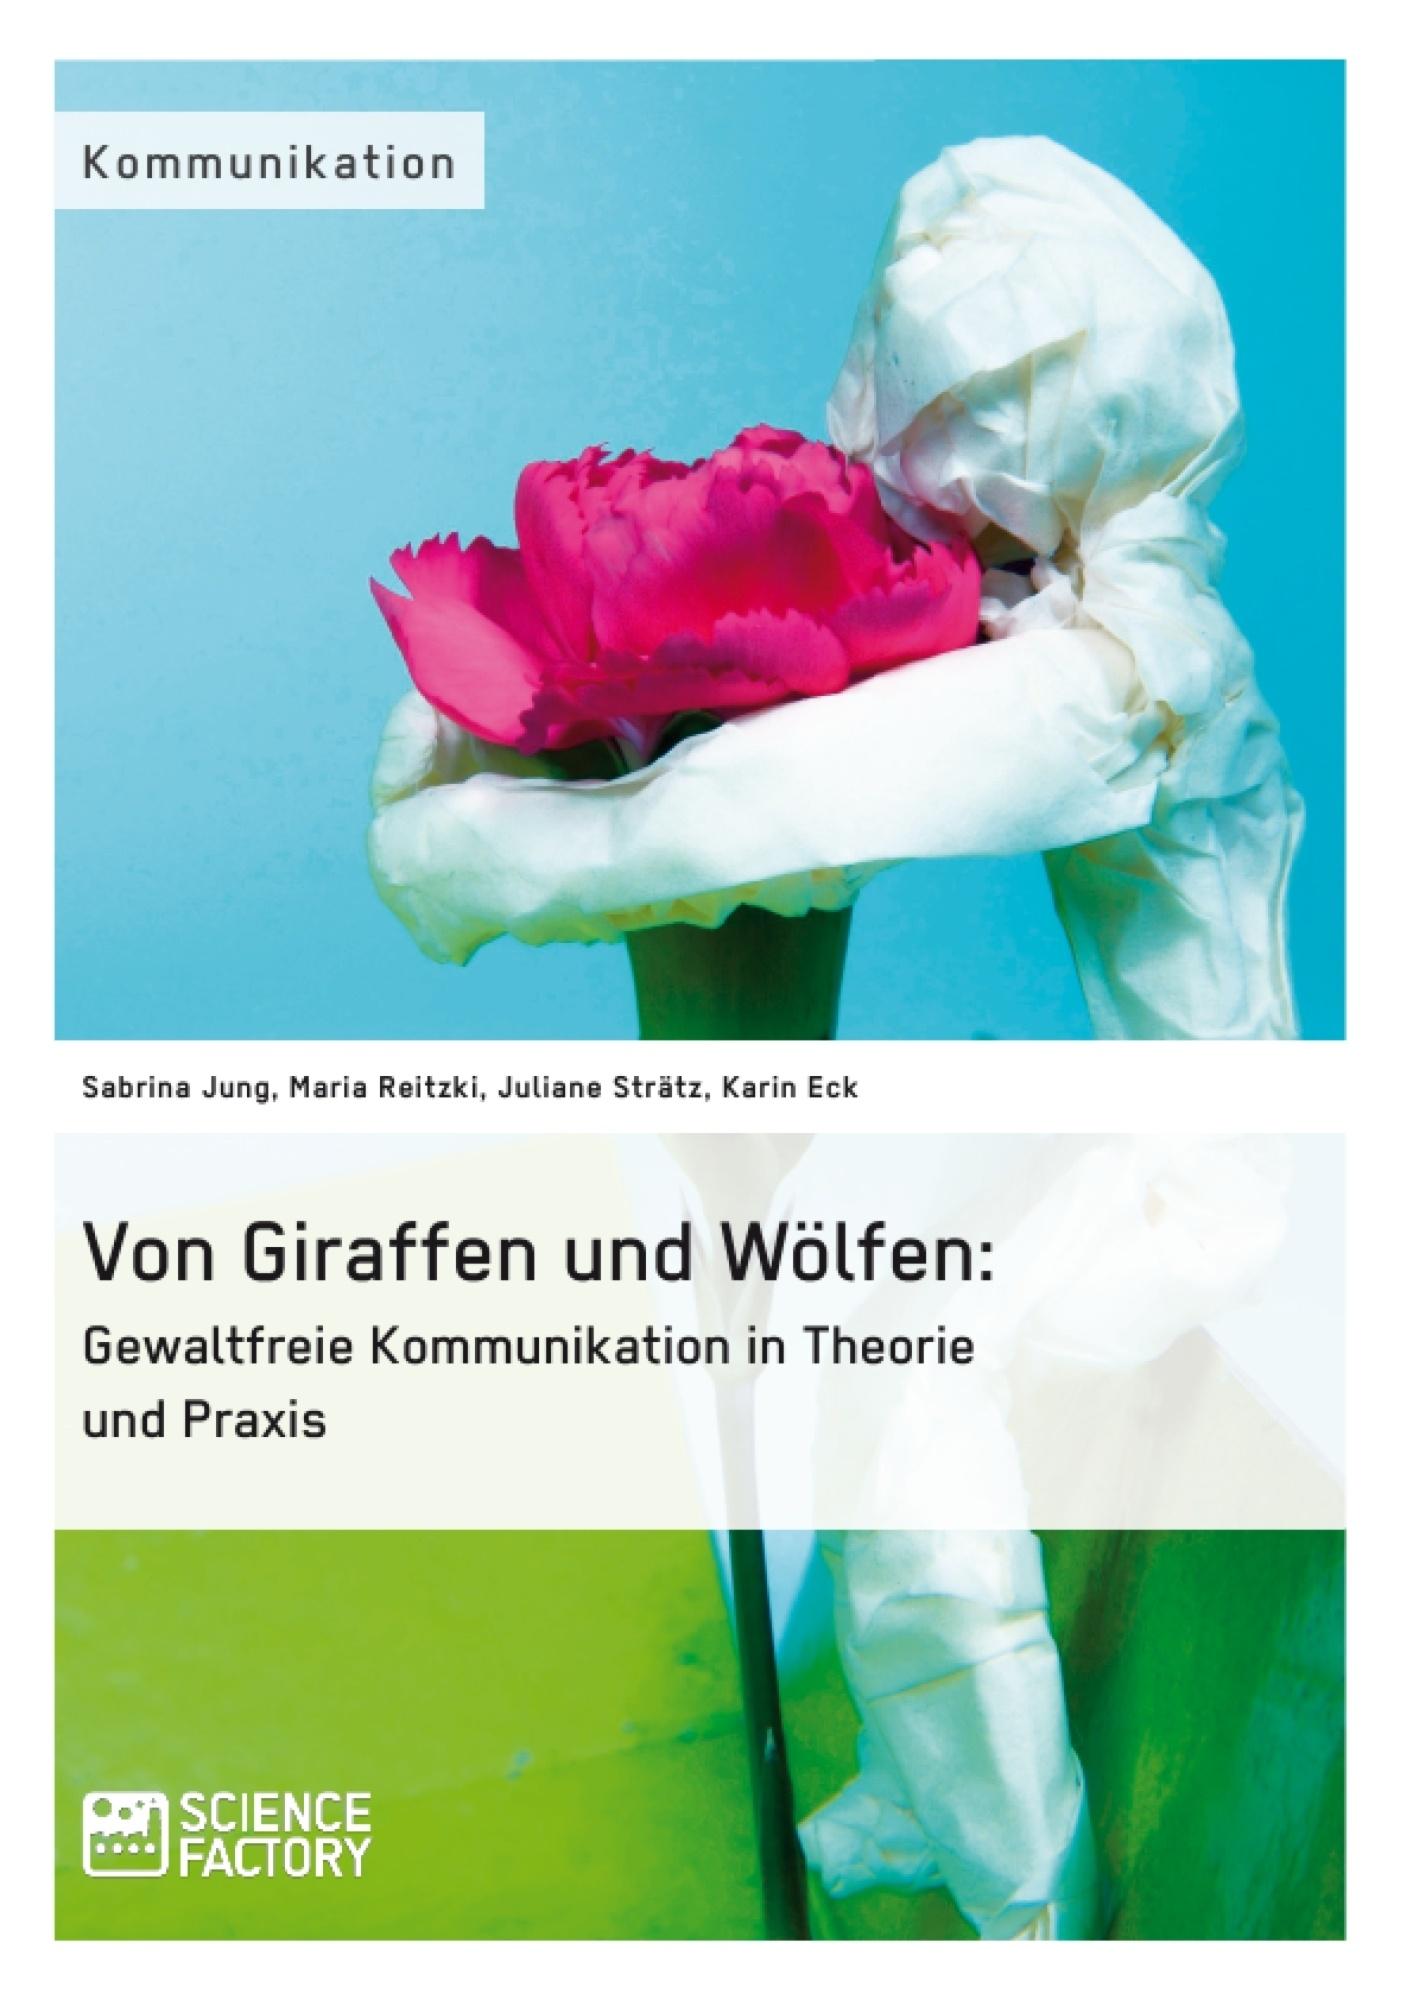 Titel: Von Giraffen und Wölfen: Gewaltfreie Kommunikation in Theorie und Praxis